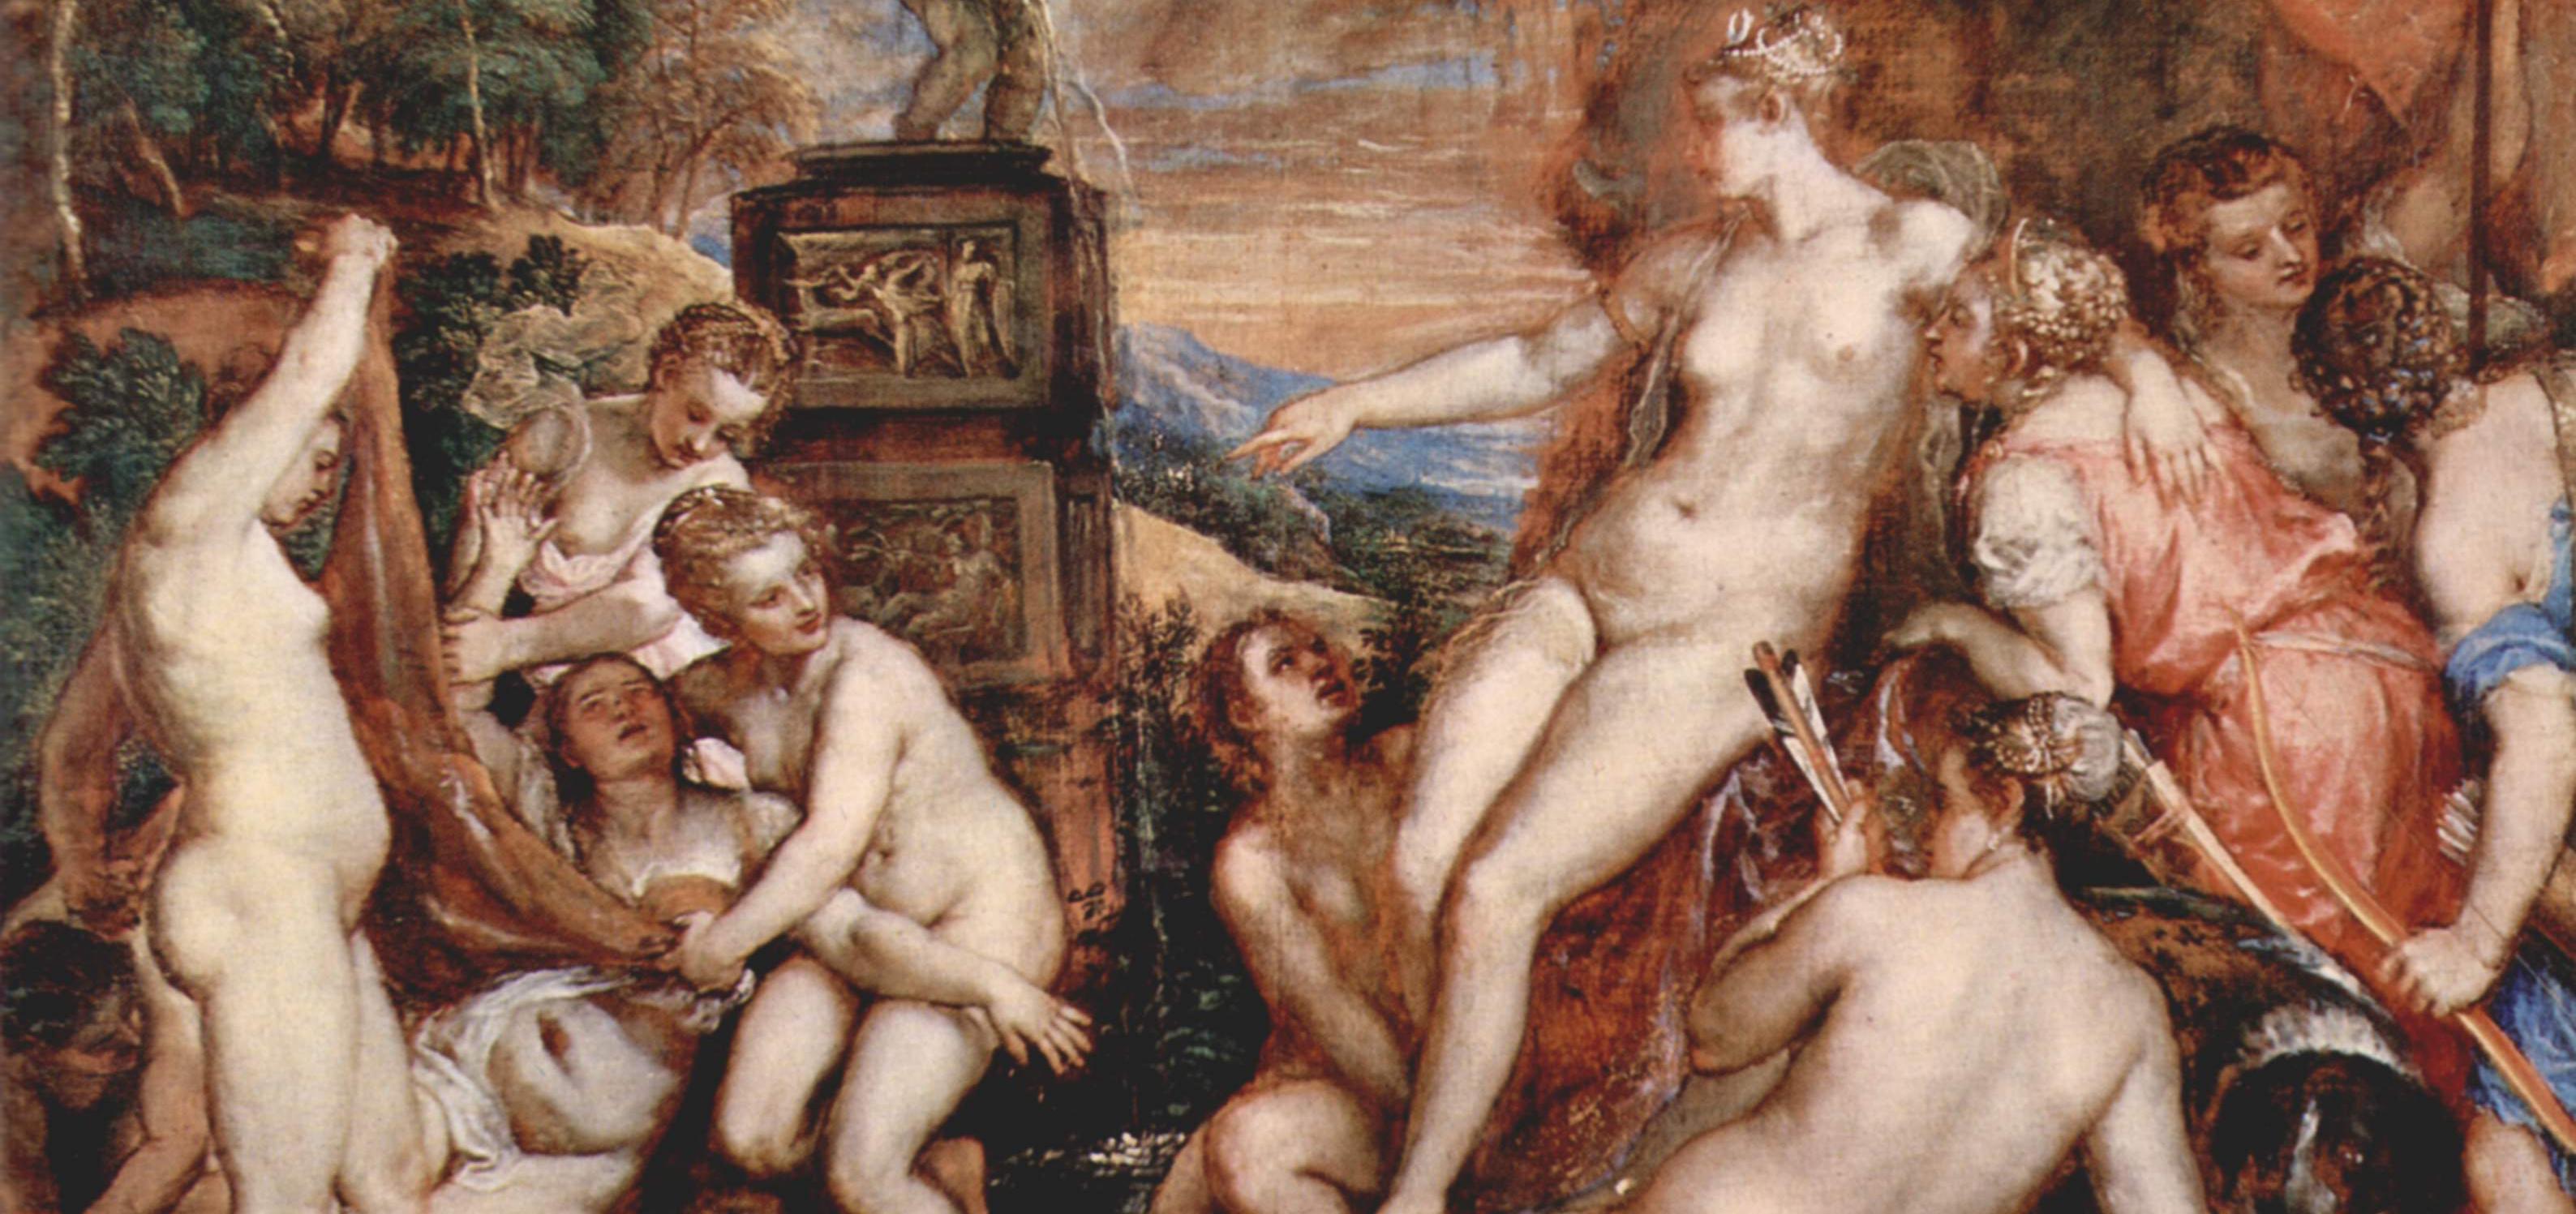 Artemisa descubre el embarazo de Calisto